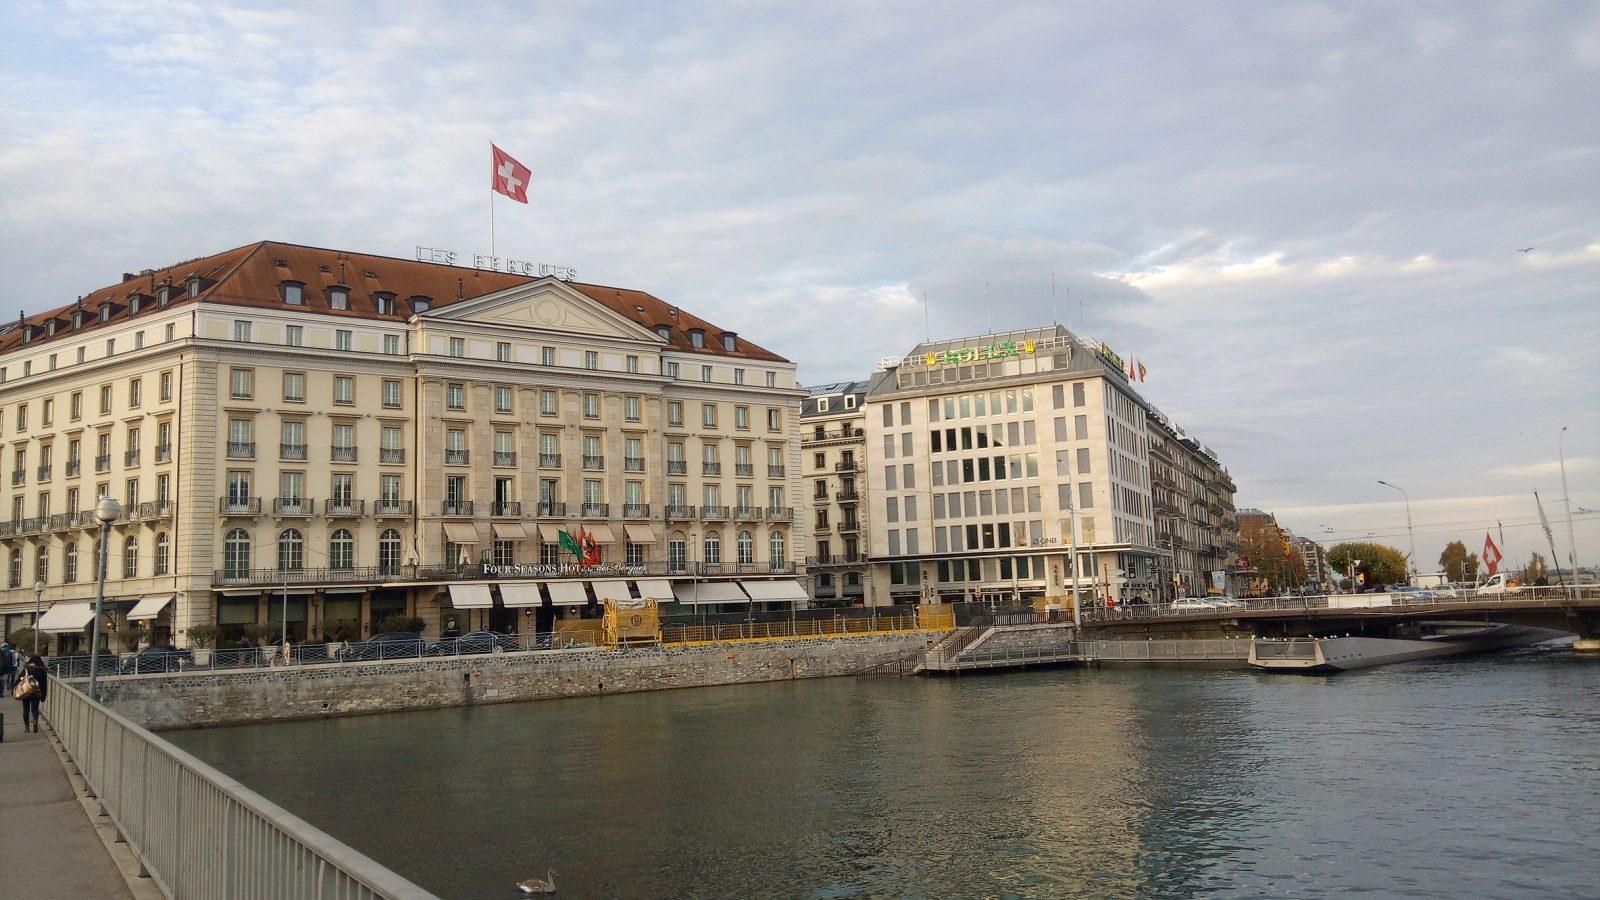 Vue d'un grand hôtel de Genève avec le drapeau suisse et d'un immeuble portant une marque de montre - Photo : Roger Mawulolo